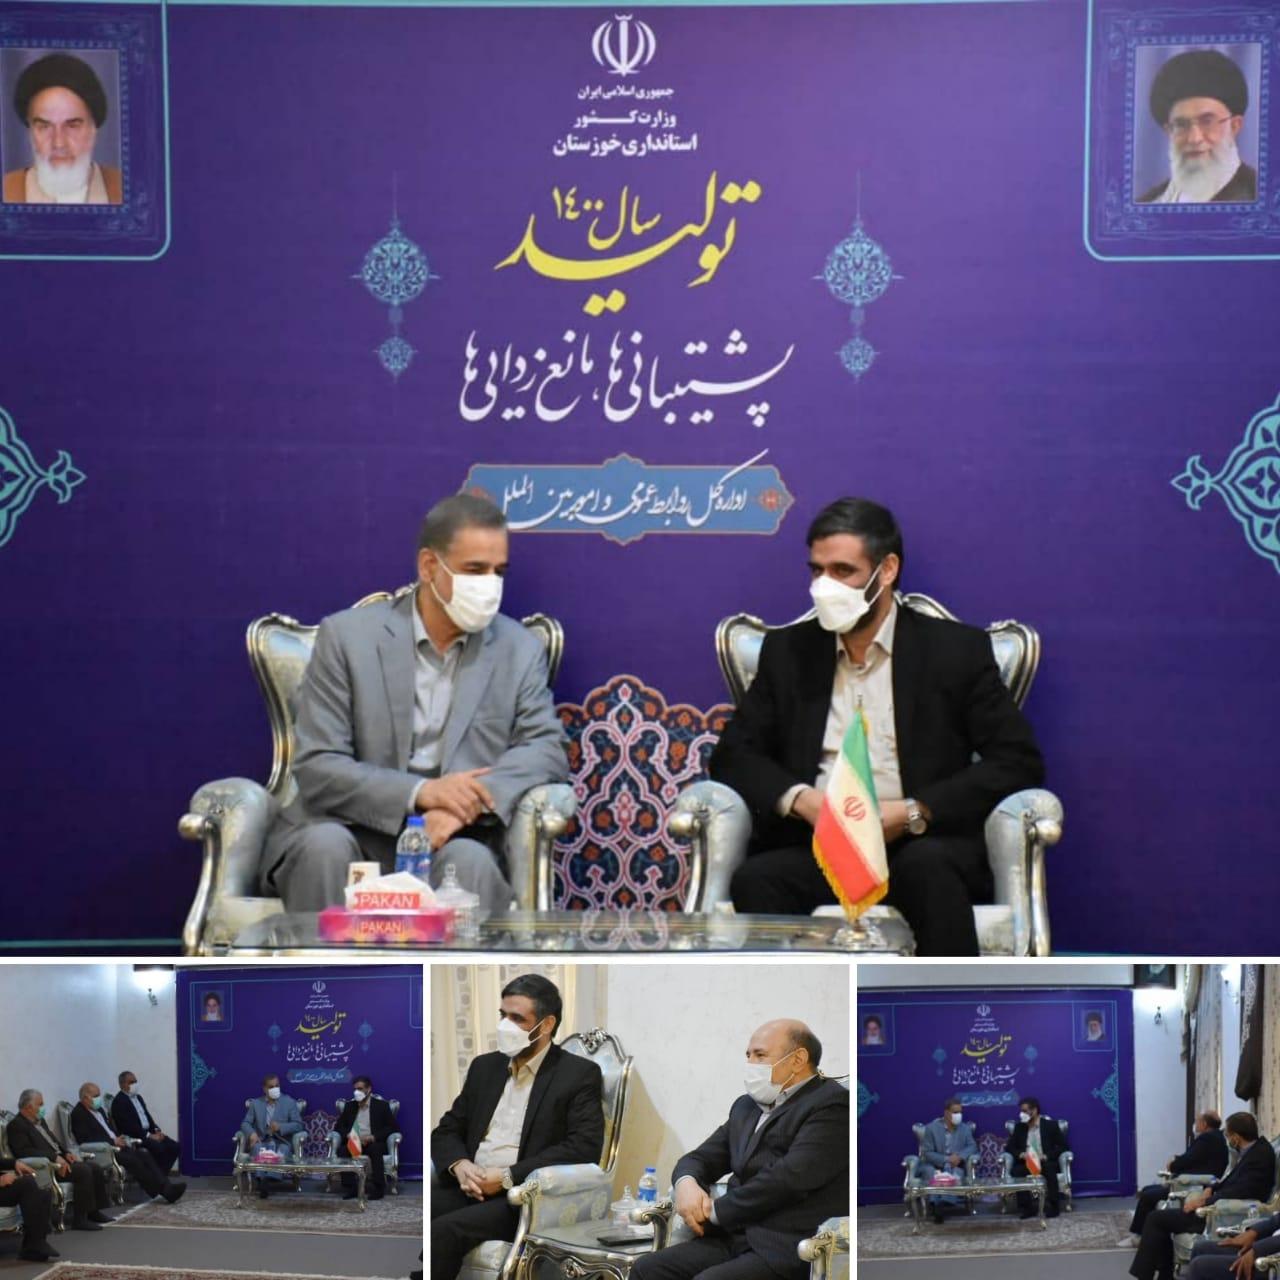 ورود دبیر شورای عالی مناطق آزاد به خوزستان